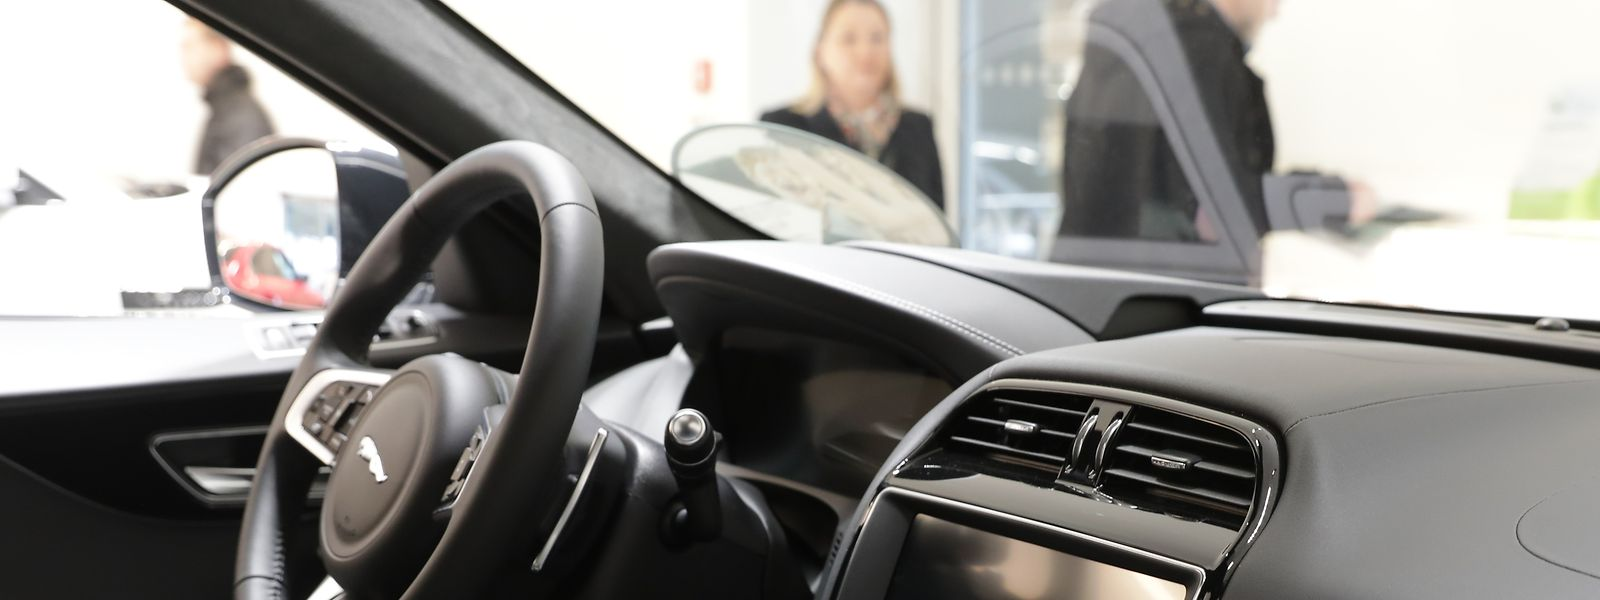 Haben Sie ein neues Auto gekauft? Möglicherweise müssen Sie etwas länger darauf warten.